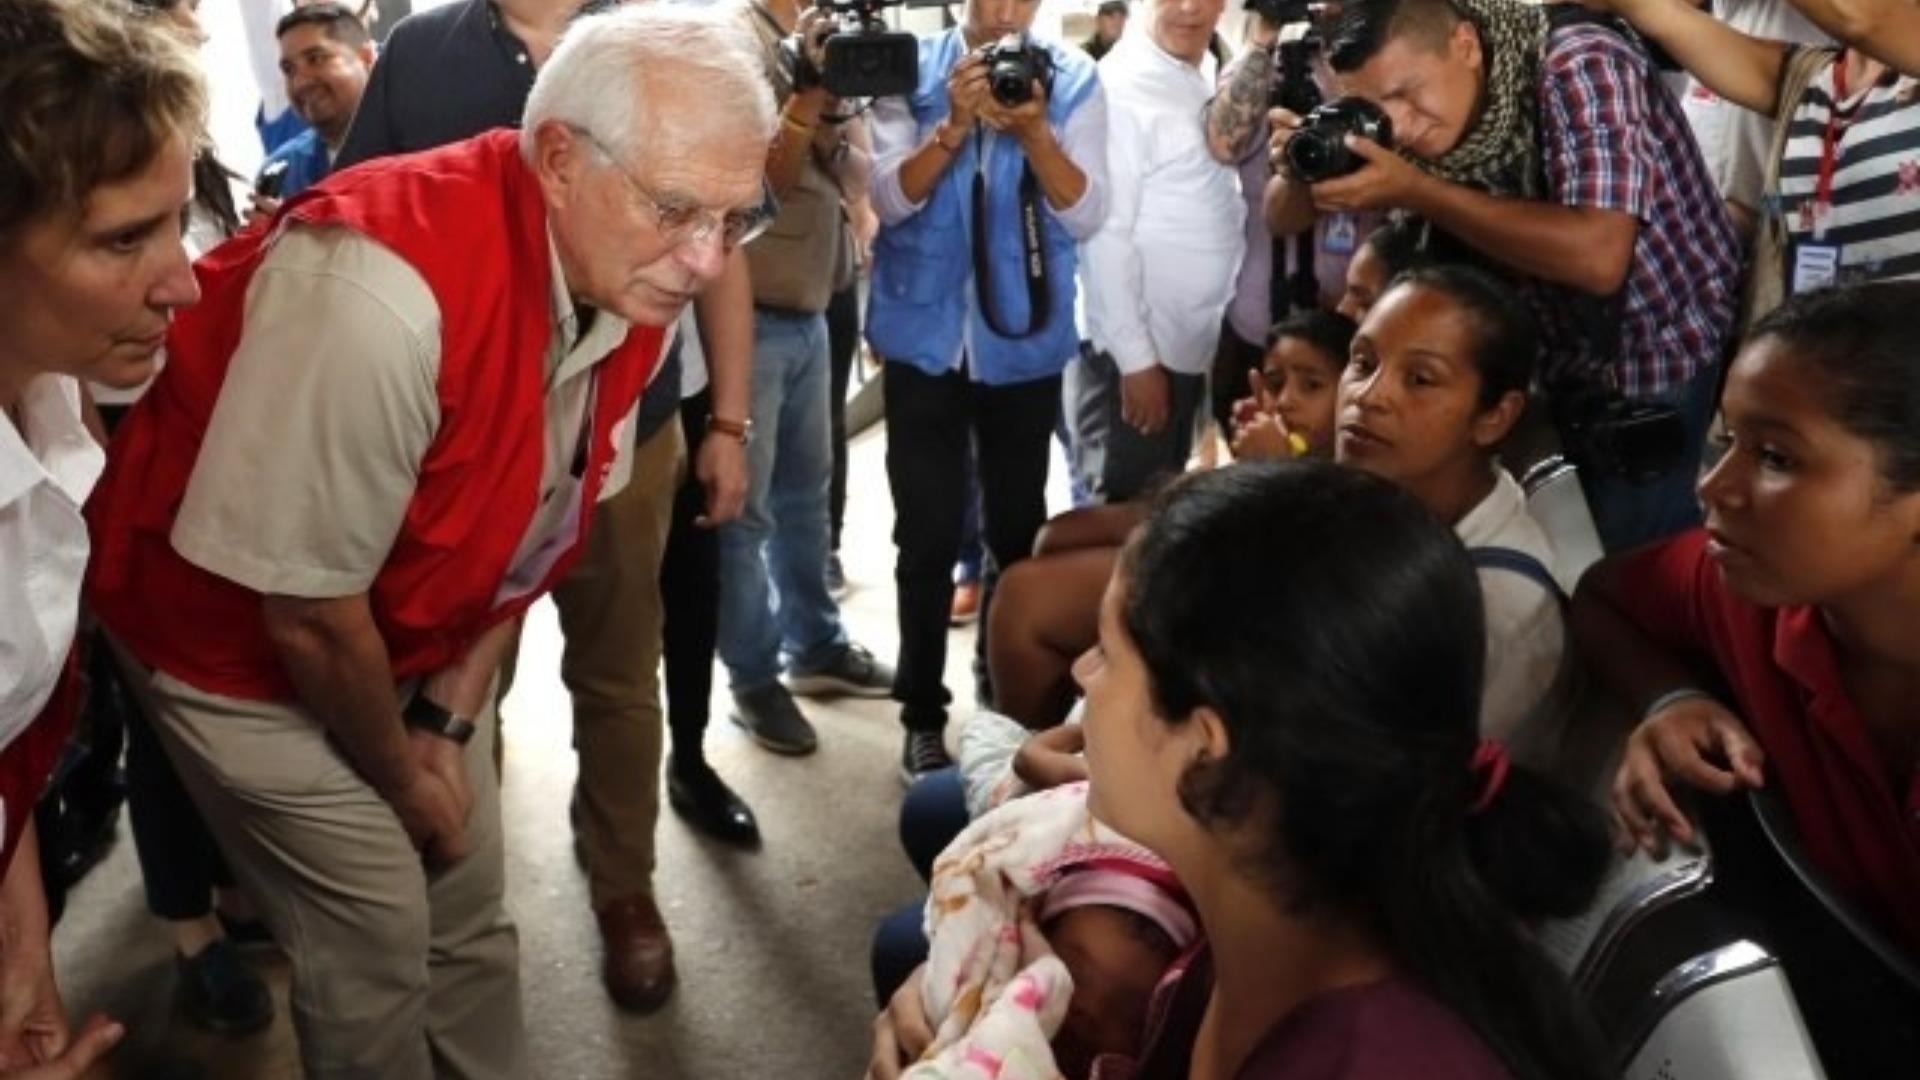 España donará 50 millones de euros para paliar la crisis migratoria venezolana